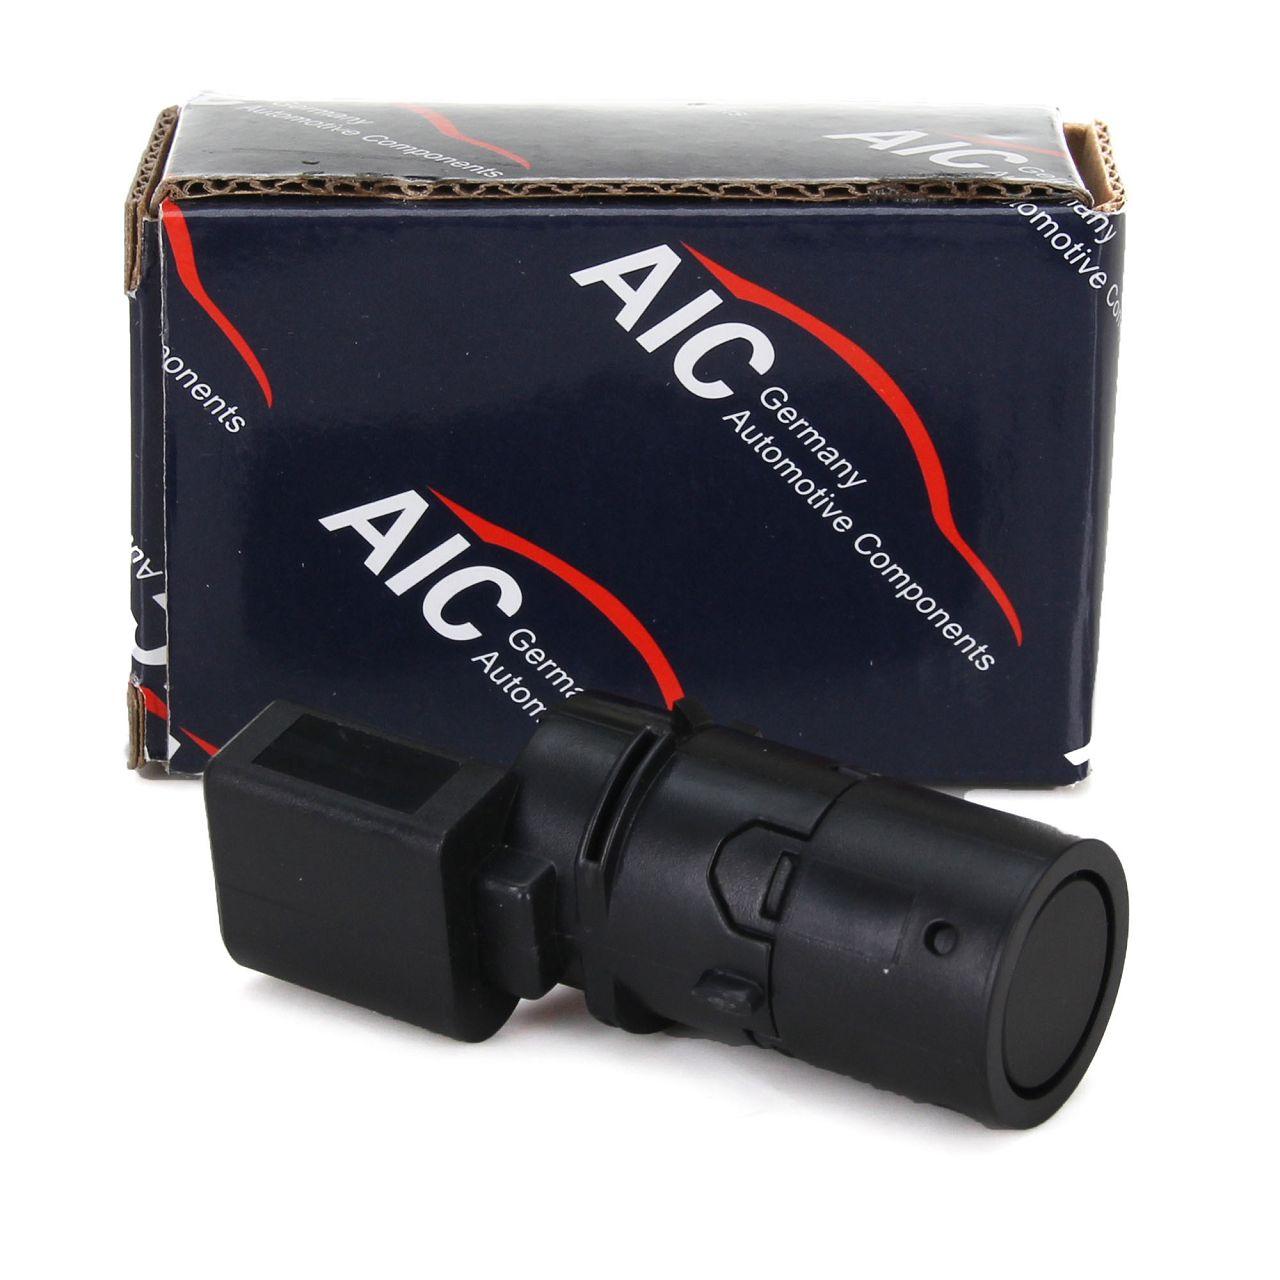 AIC Einparksensor Parksensor PDC für AUDI A6 C5 C6 VW MULTIVAN / TRANSPORTER T5